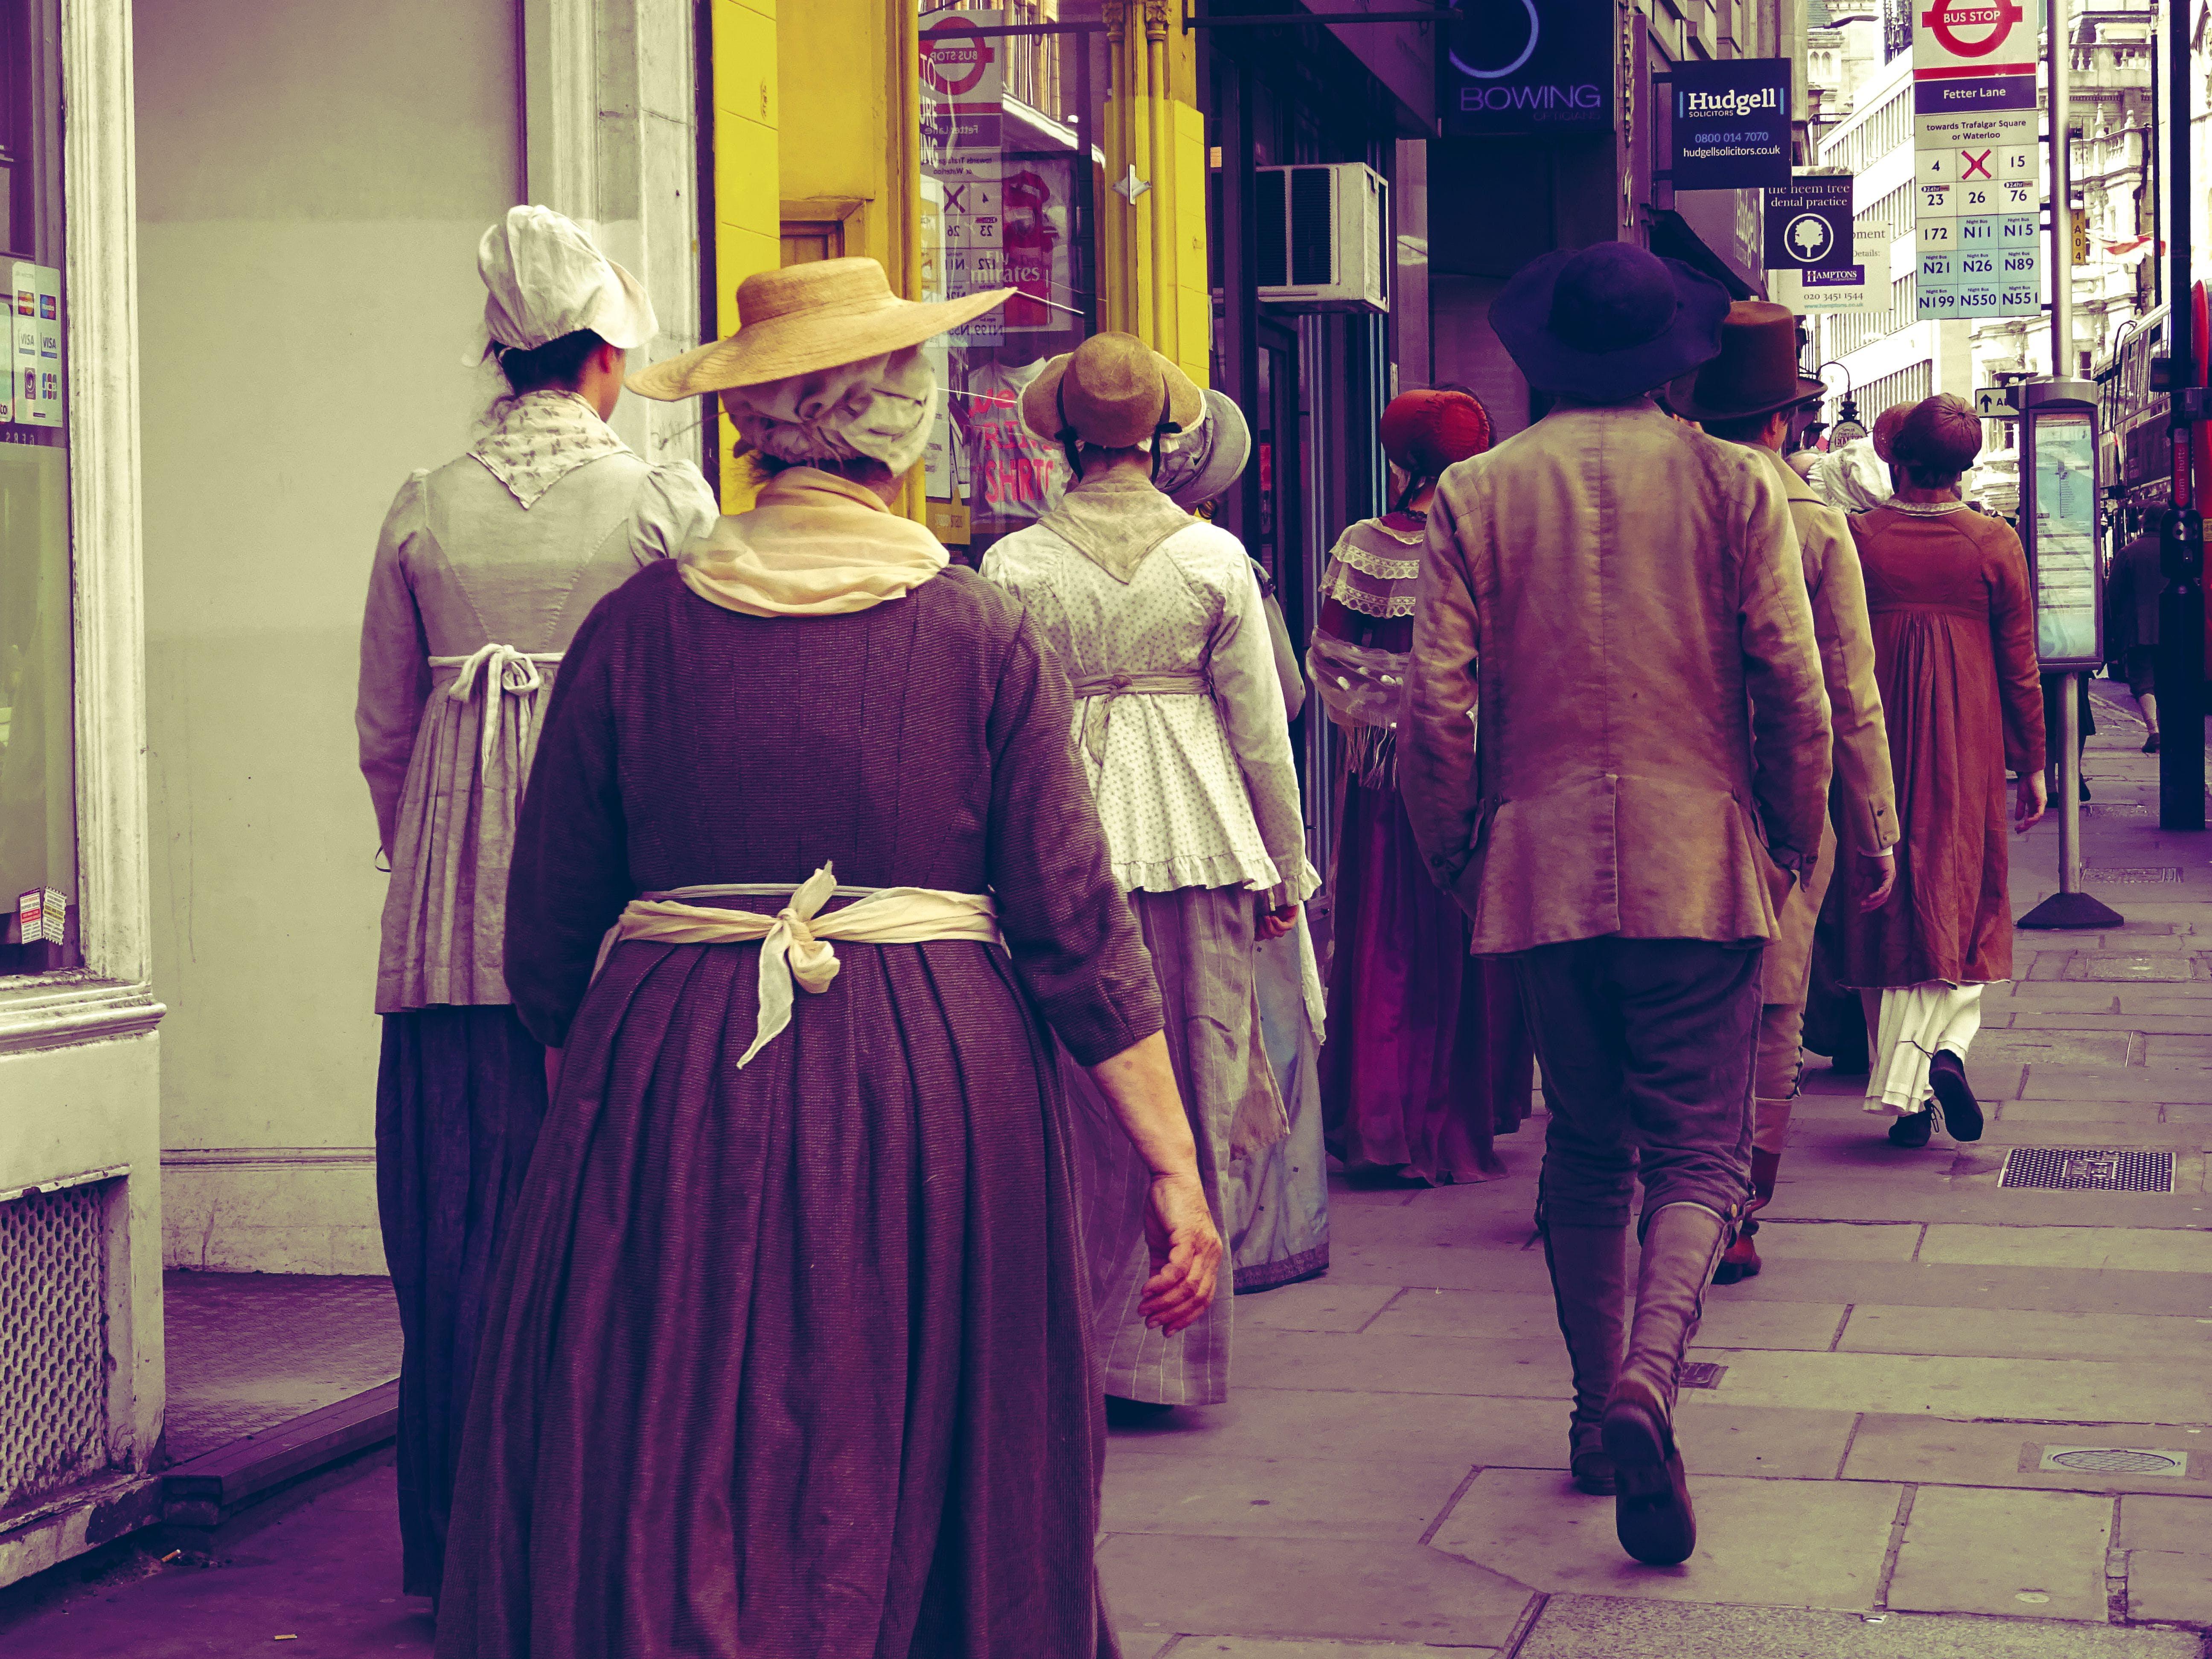 Foto stok gratis berbelanja, gaun, kerumunan orang, komersial